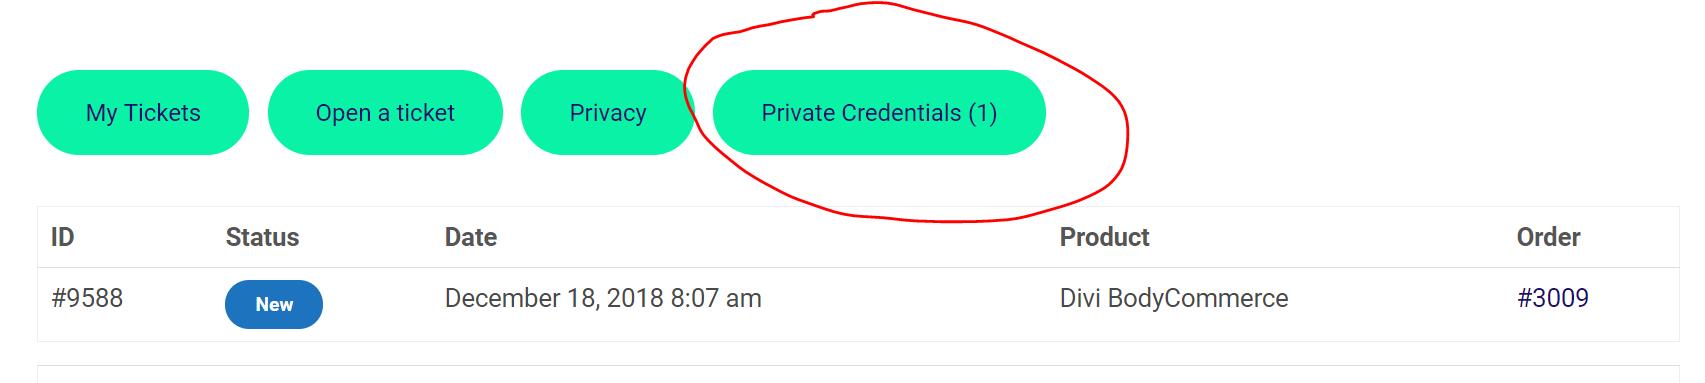 Private Credentials